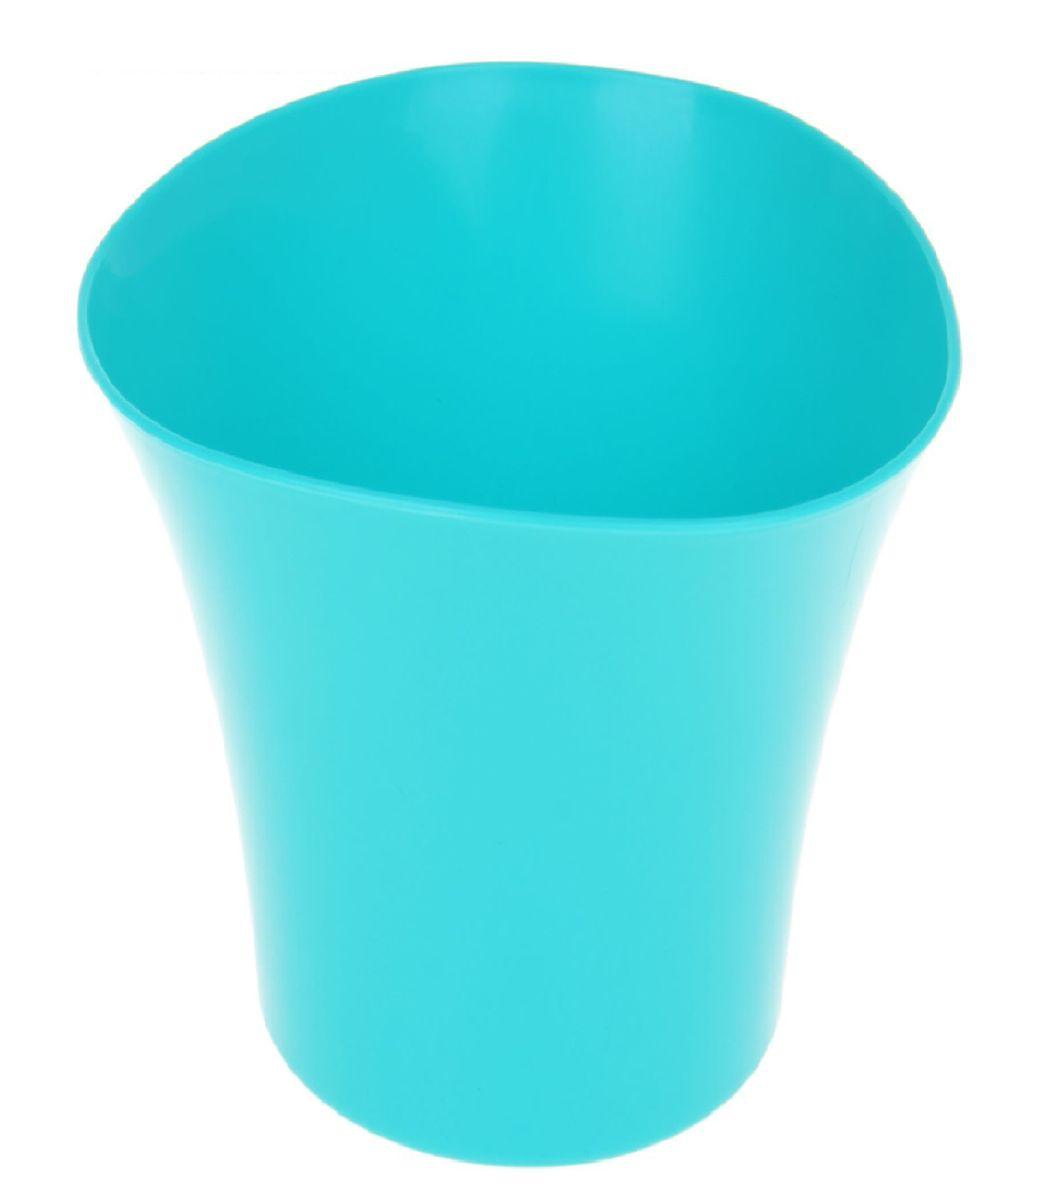 Кашпо JetPlast Волна, цвет: бирюзовый, 1,5 л4607128377388Кашпо Волна имеет уникальную форму, сочетающуюся как с классическим, так и с современным дизайном интерьера. Оно изготовлено из прочного полипропилена (пластика) и предназначено для выращивания растений, цветов и трав в домашних условиях. Такое кашпо порадует вас функциональностью, а благодаря лаконичному дизайну впишется в любой интерьер помещения. Объем кашпо: 1,5 л.